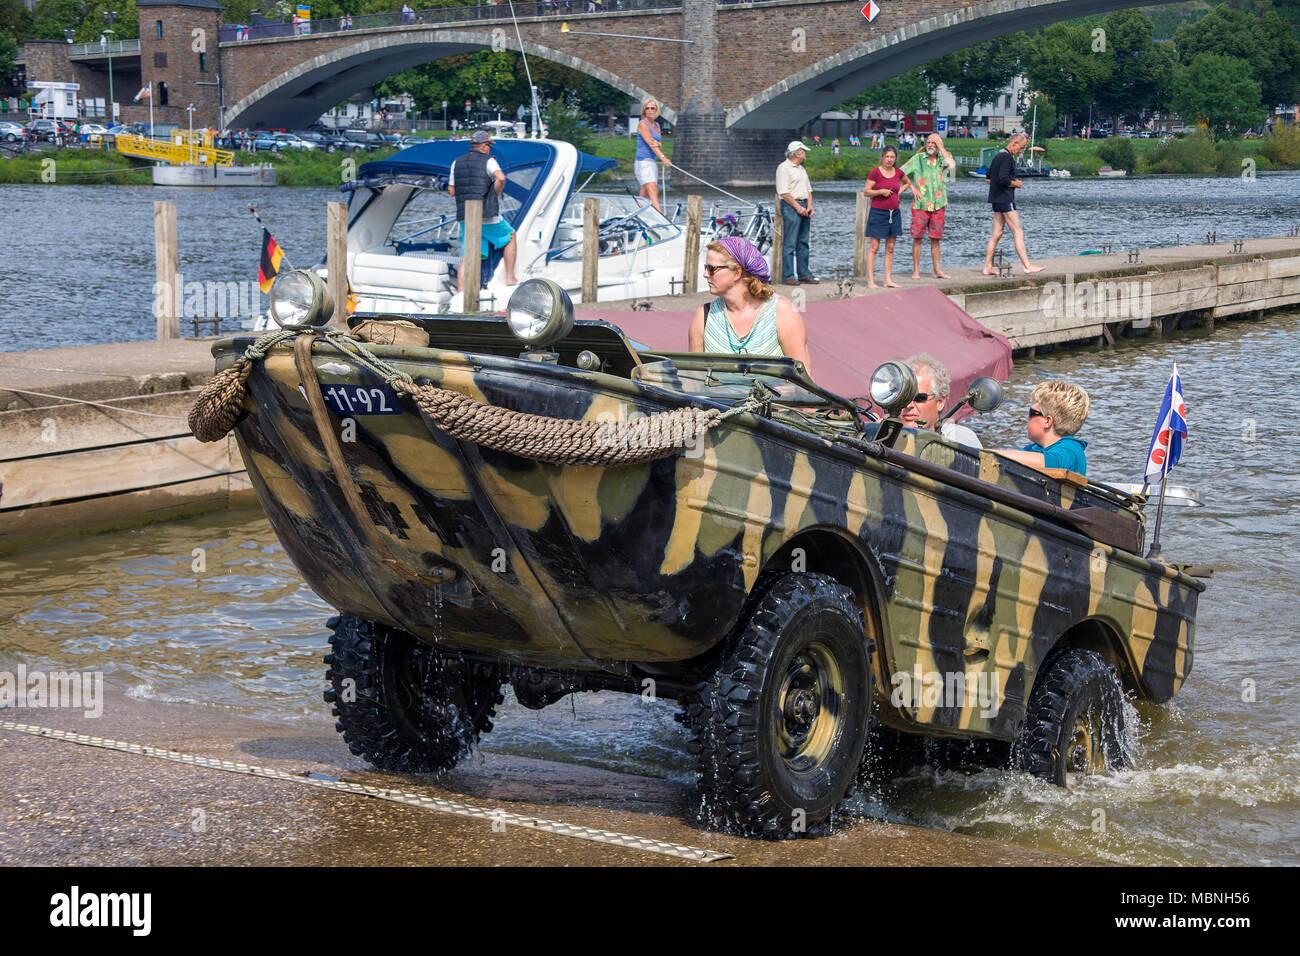 Conducción del vehículo anfibio militar fuera del agua en el río Mosela, Cochem, Renania-Palatinado, Alemania Foto de stock